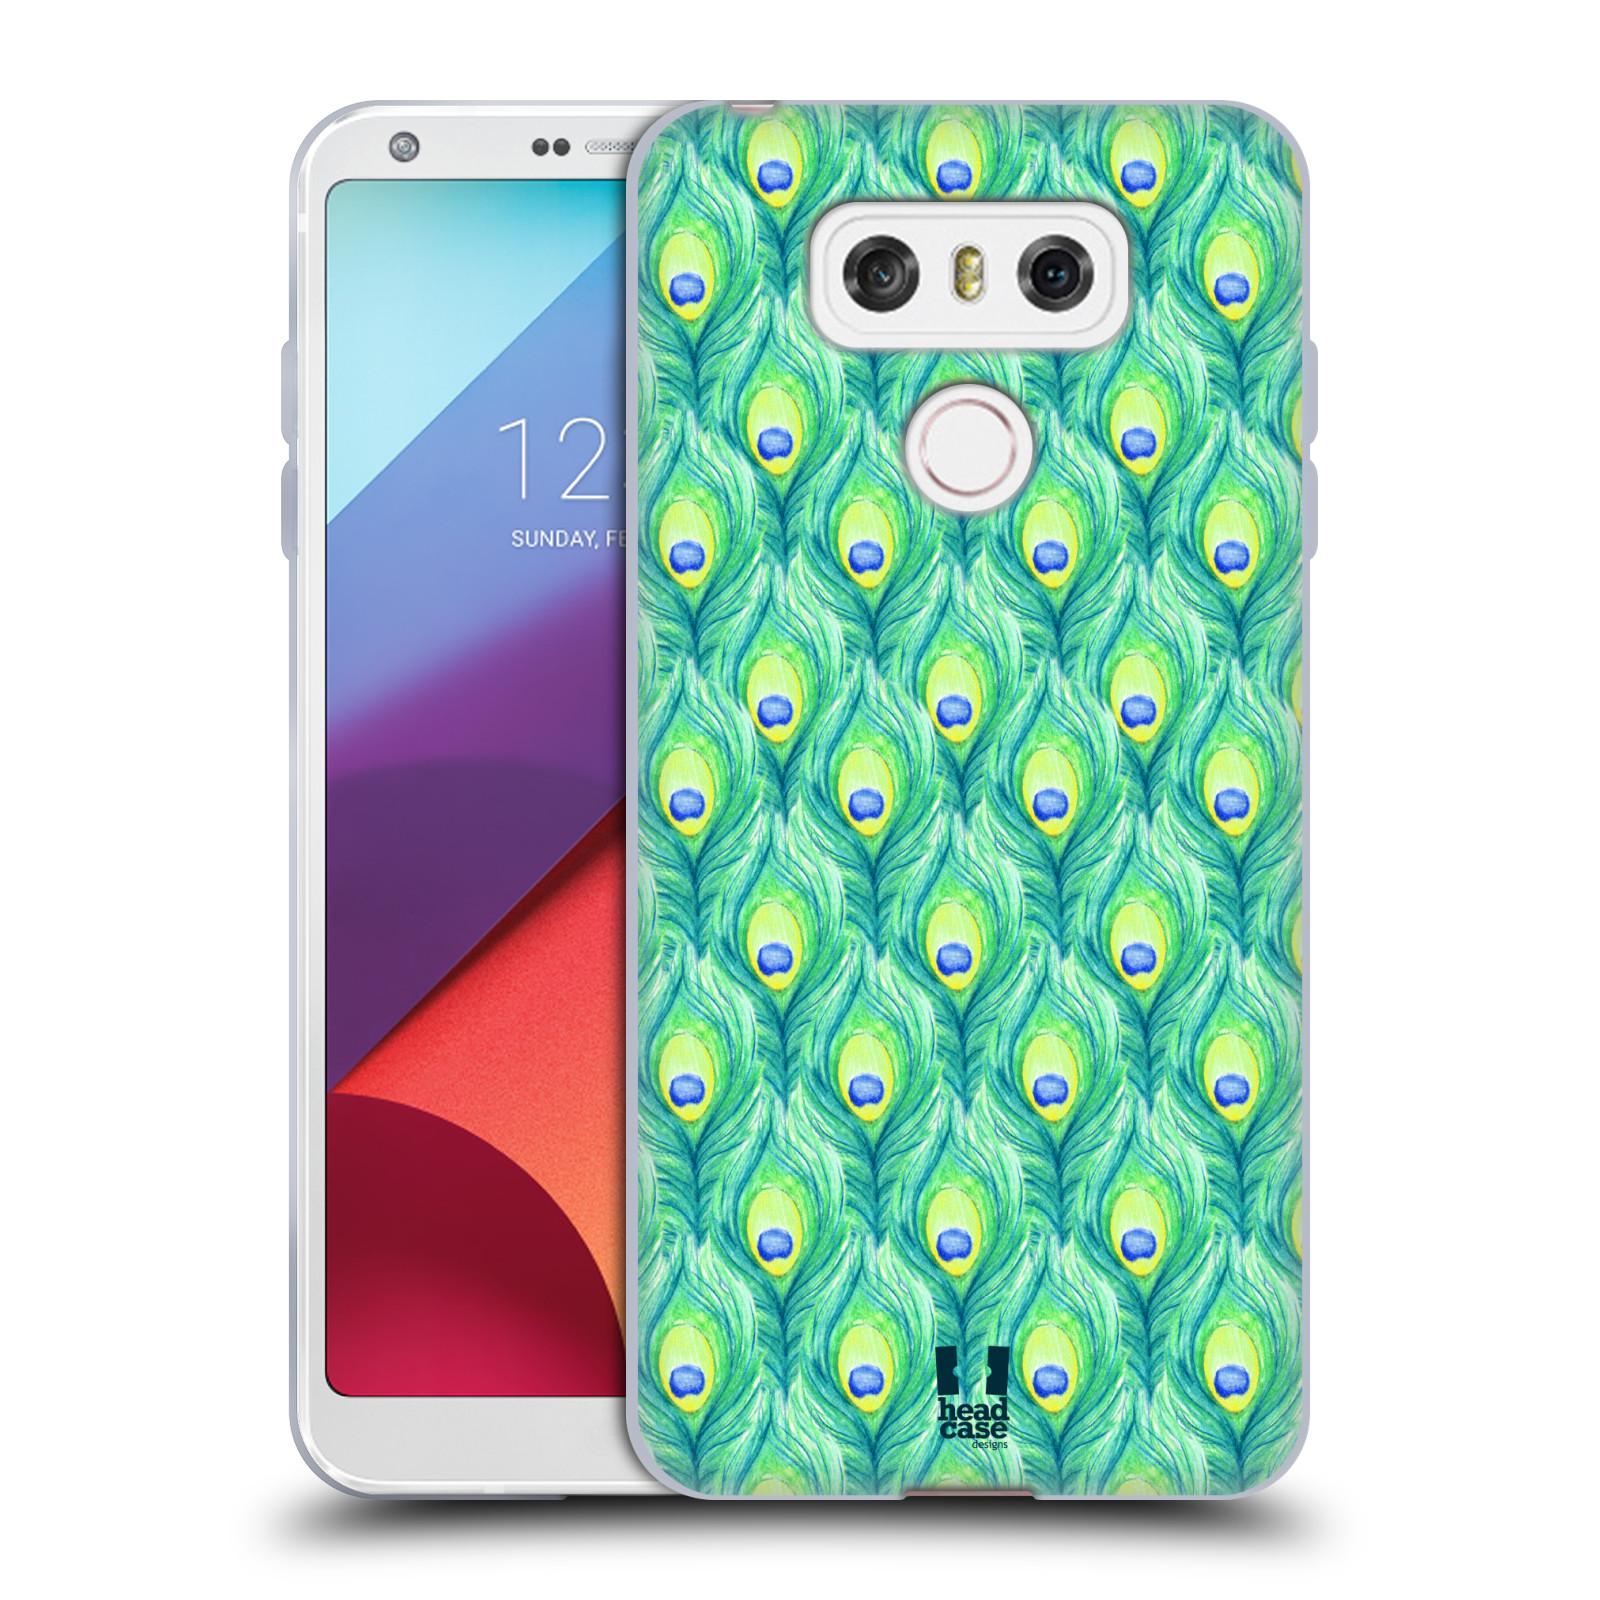 Silikonové pouzdro na mobil LG G6 - Head Case PÍRKA PATTERN (Silikonový kryt či obal na mobilní telefon LG G6 H870 / LG G6 Dual SIM H870DS)